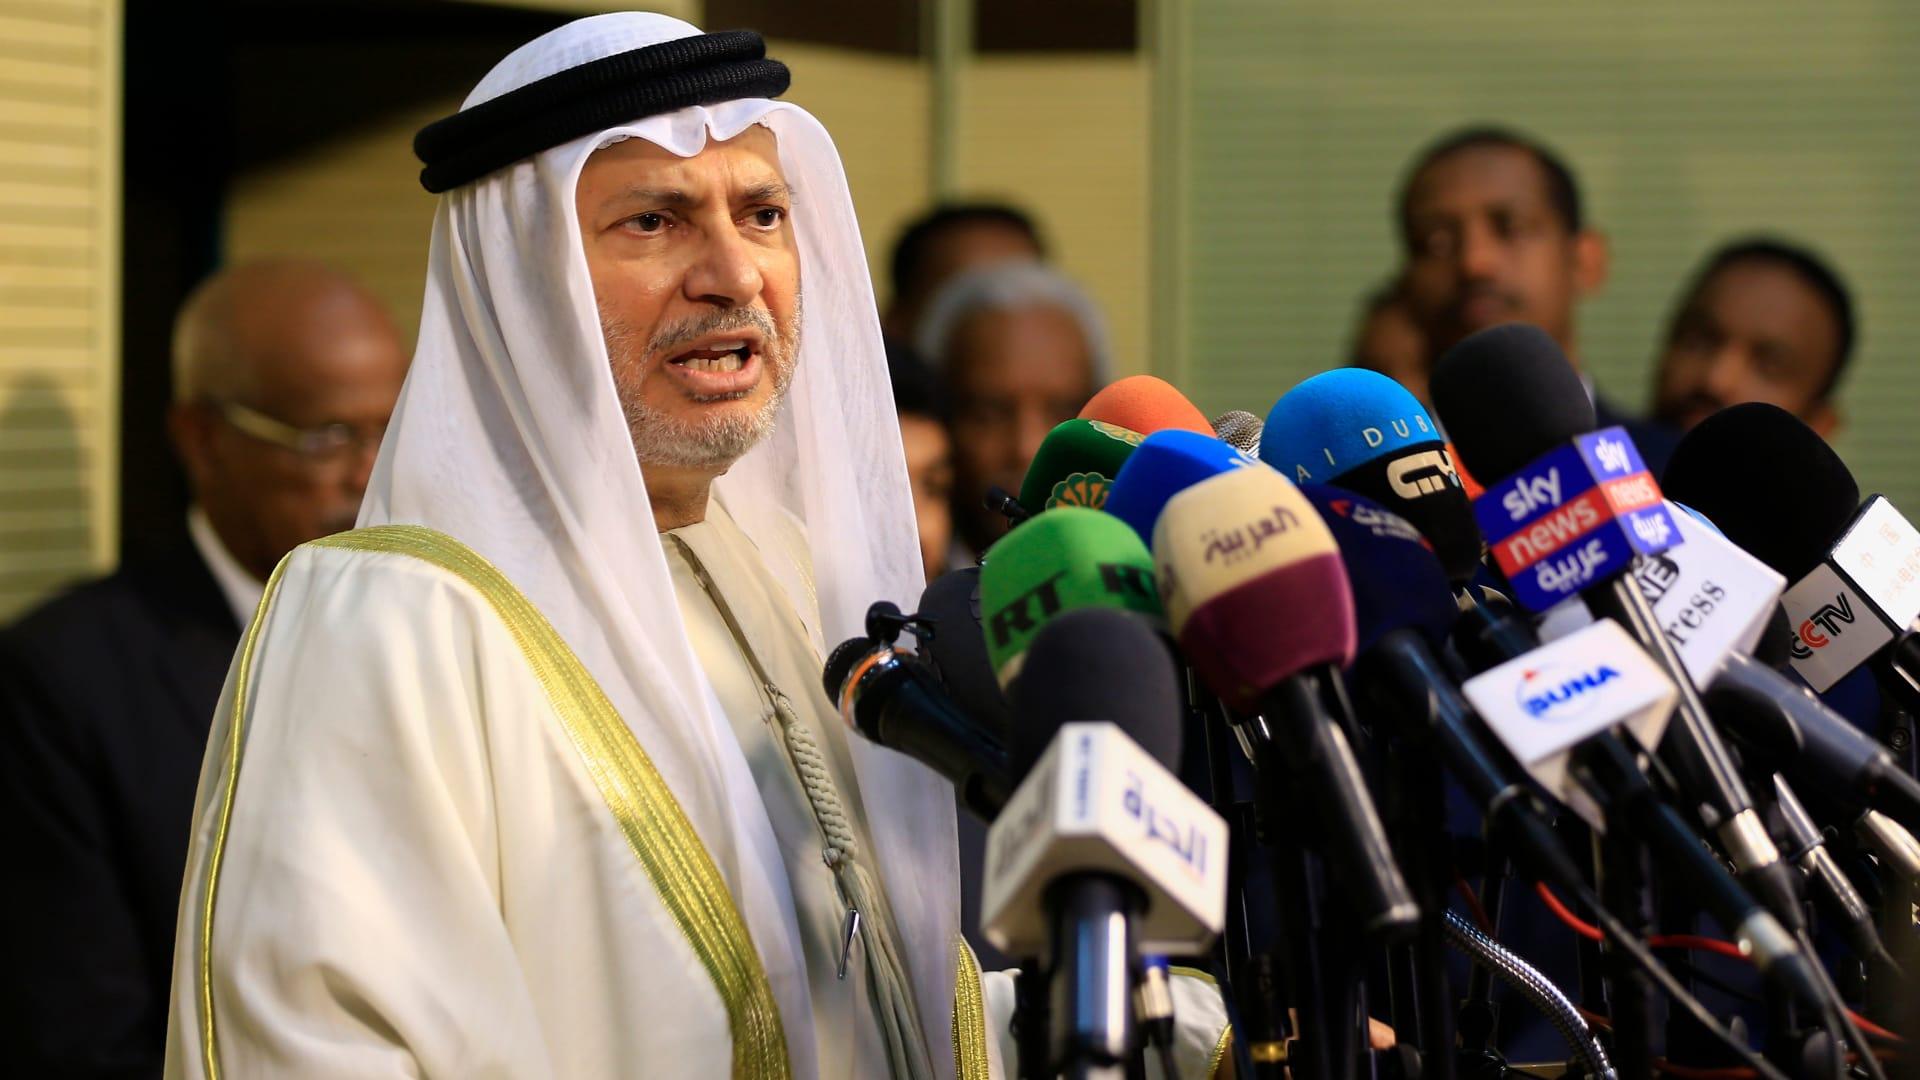 قرقاش يشرح لـCNN أبرز النقاط الجوهرية لاتفاق الإمارات مع إسرائيل